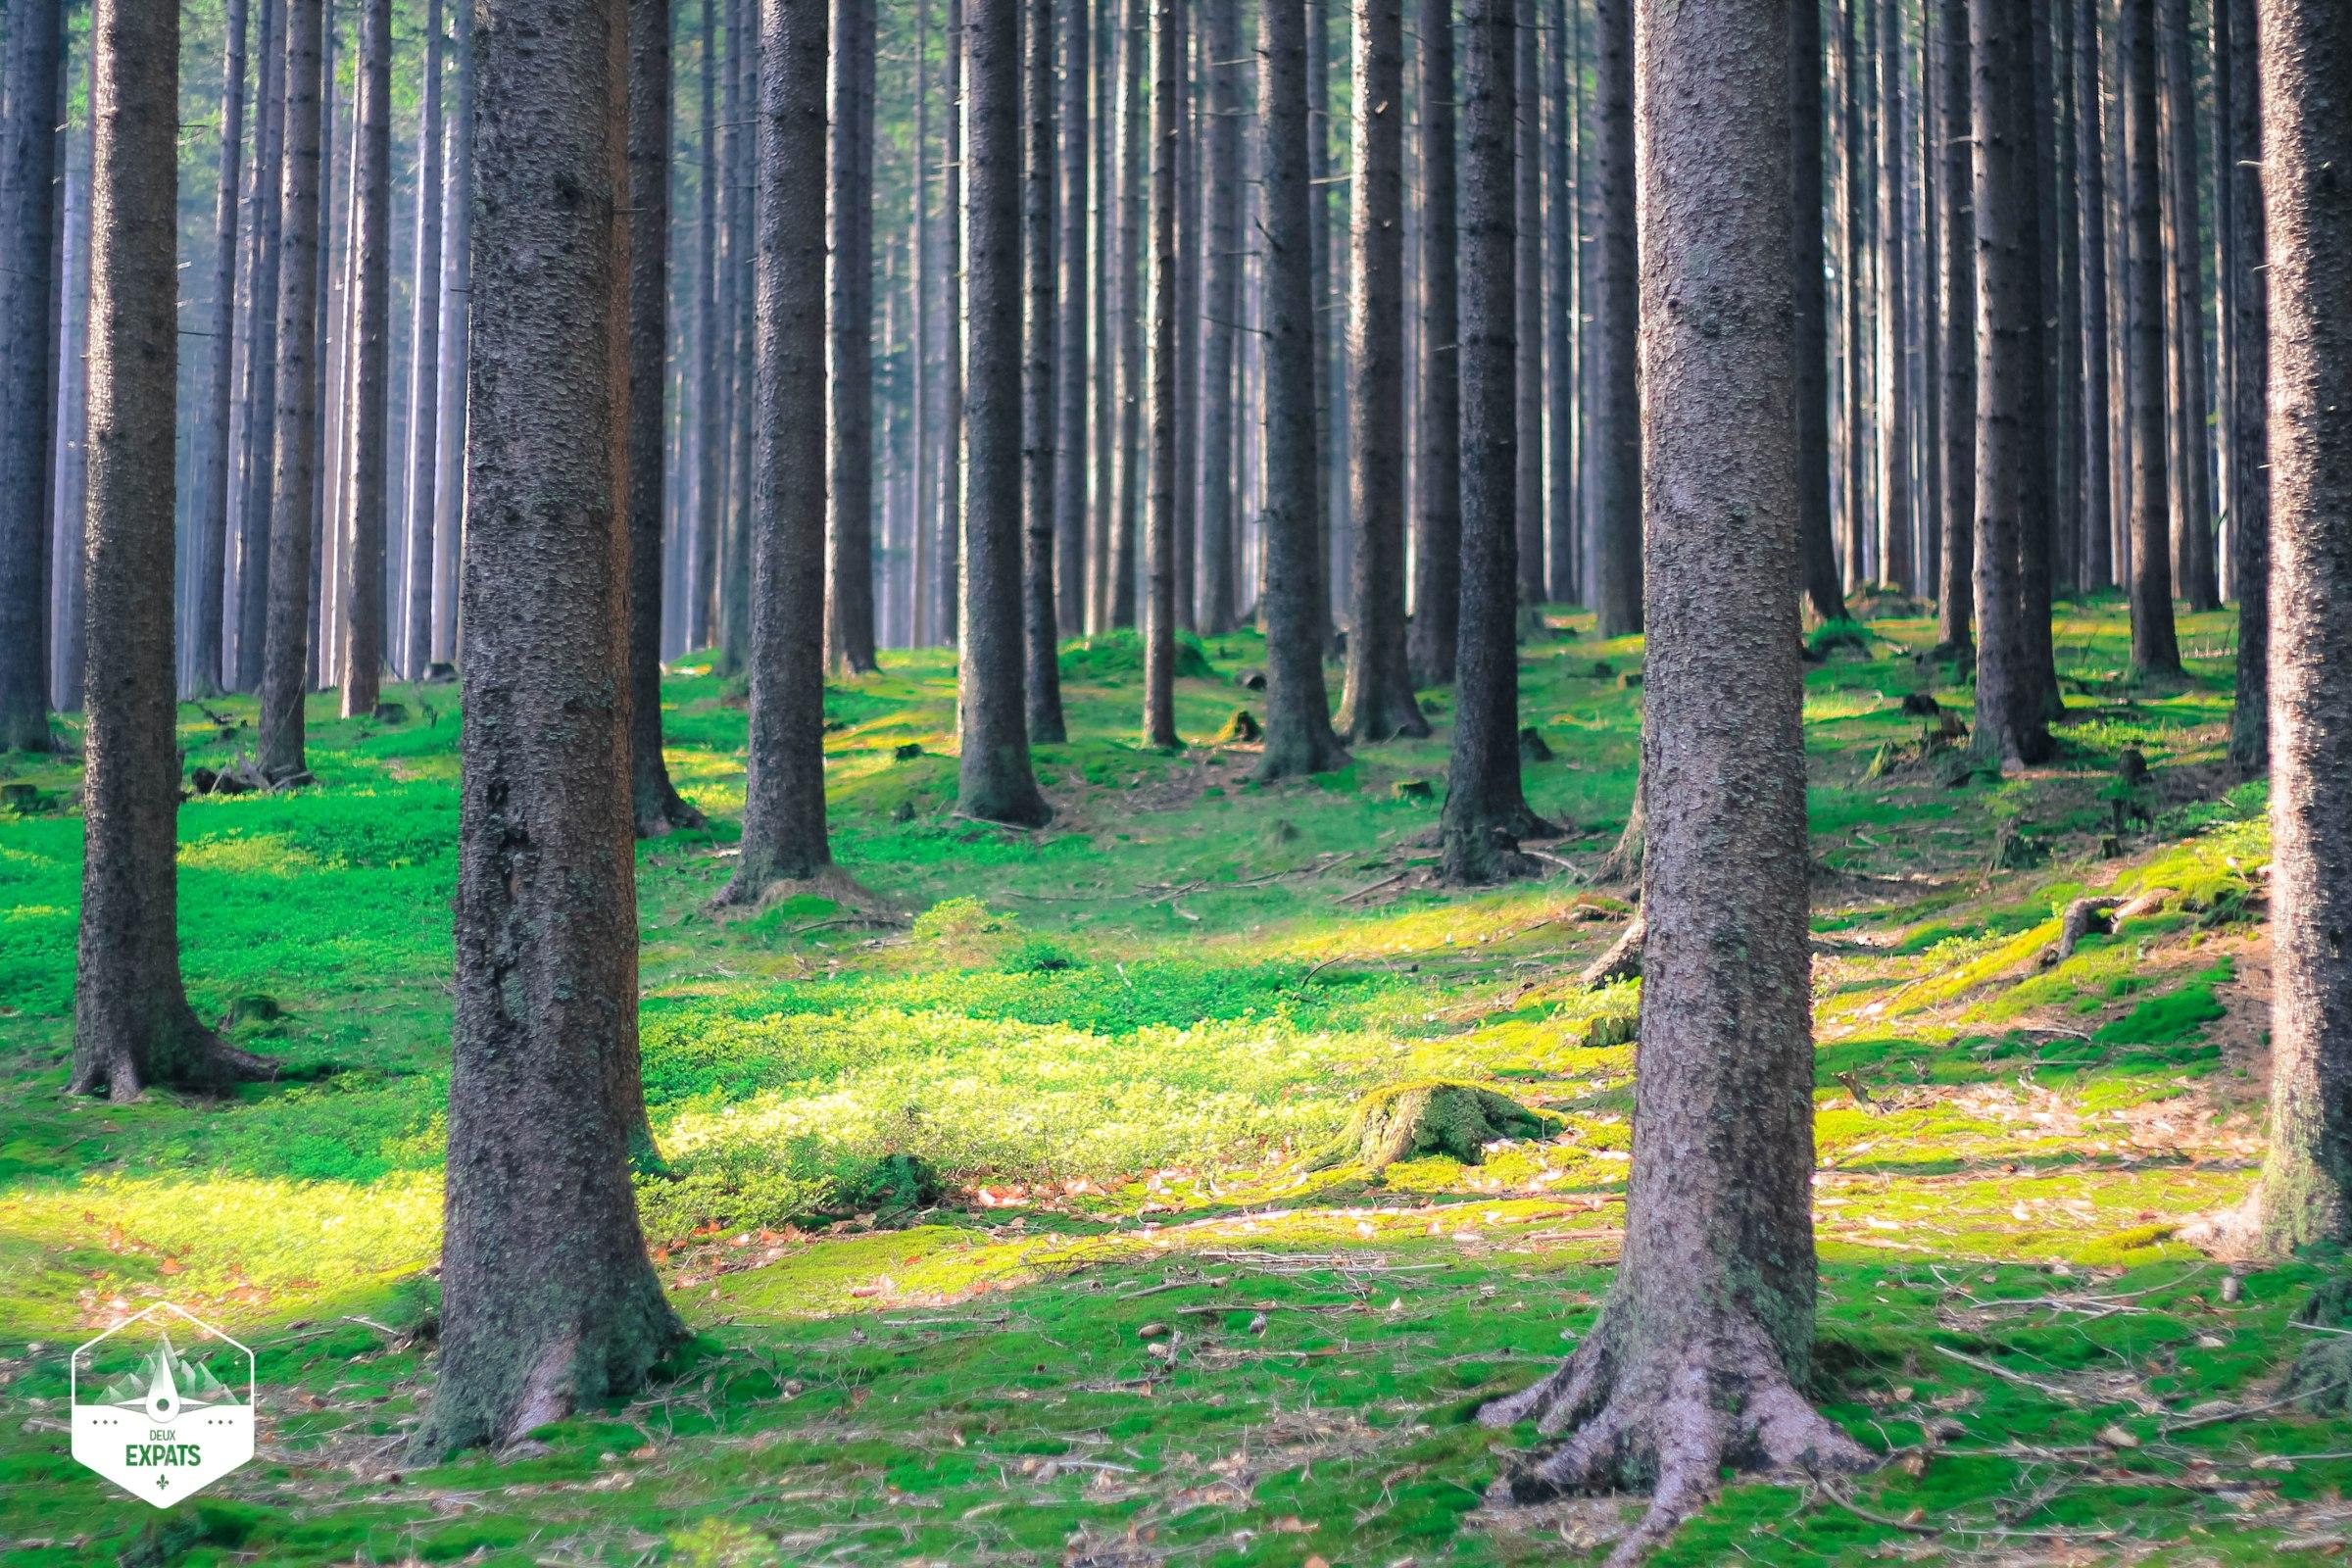 Randonnée au Parc national de Sumava en République tchèque